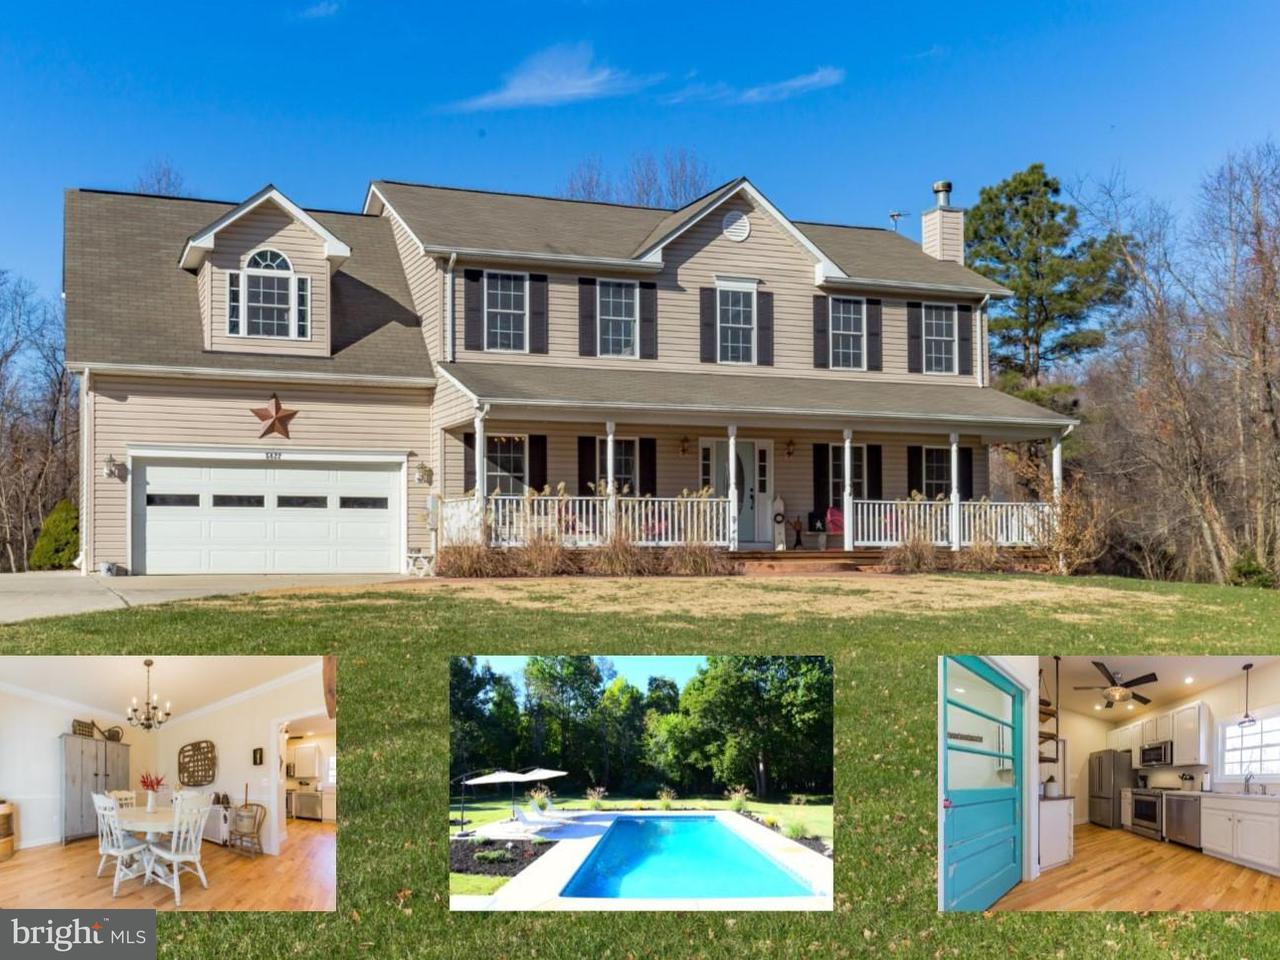 Частный односемейный дом для того Продажа на 5822 SUNDERLAND Court 5822 SUNDERLAND Court Sunderland, Мэриленд 20689 Соединенные Штаты